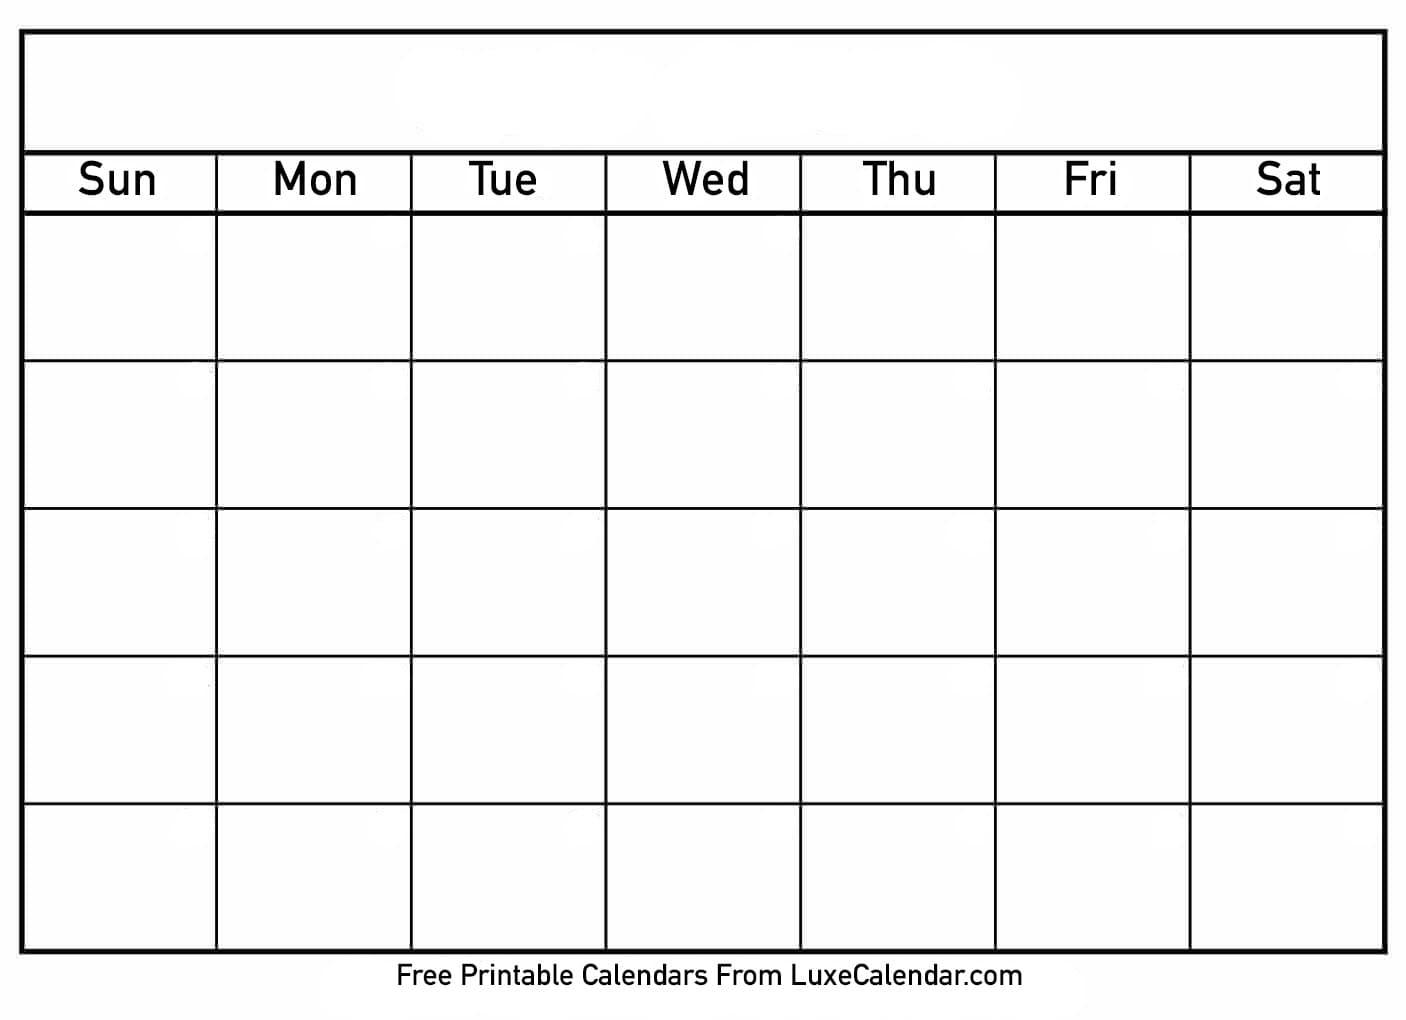 Blank Printable Calendar - Luxe Calendar with regard to Printable Calendar Template Week Day Only